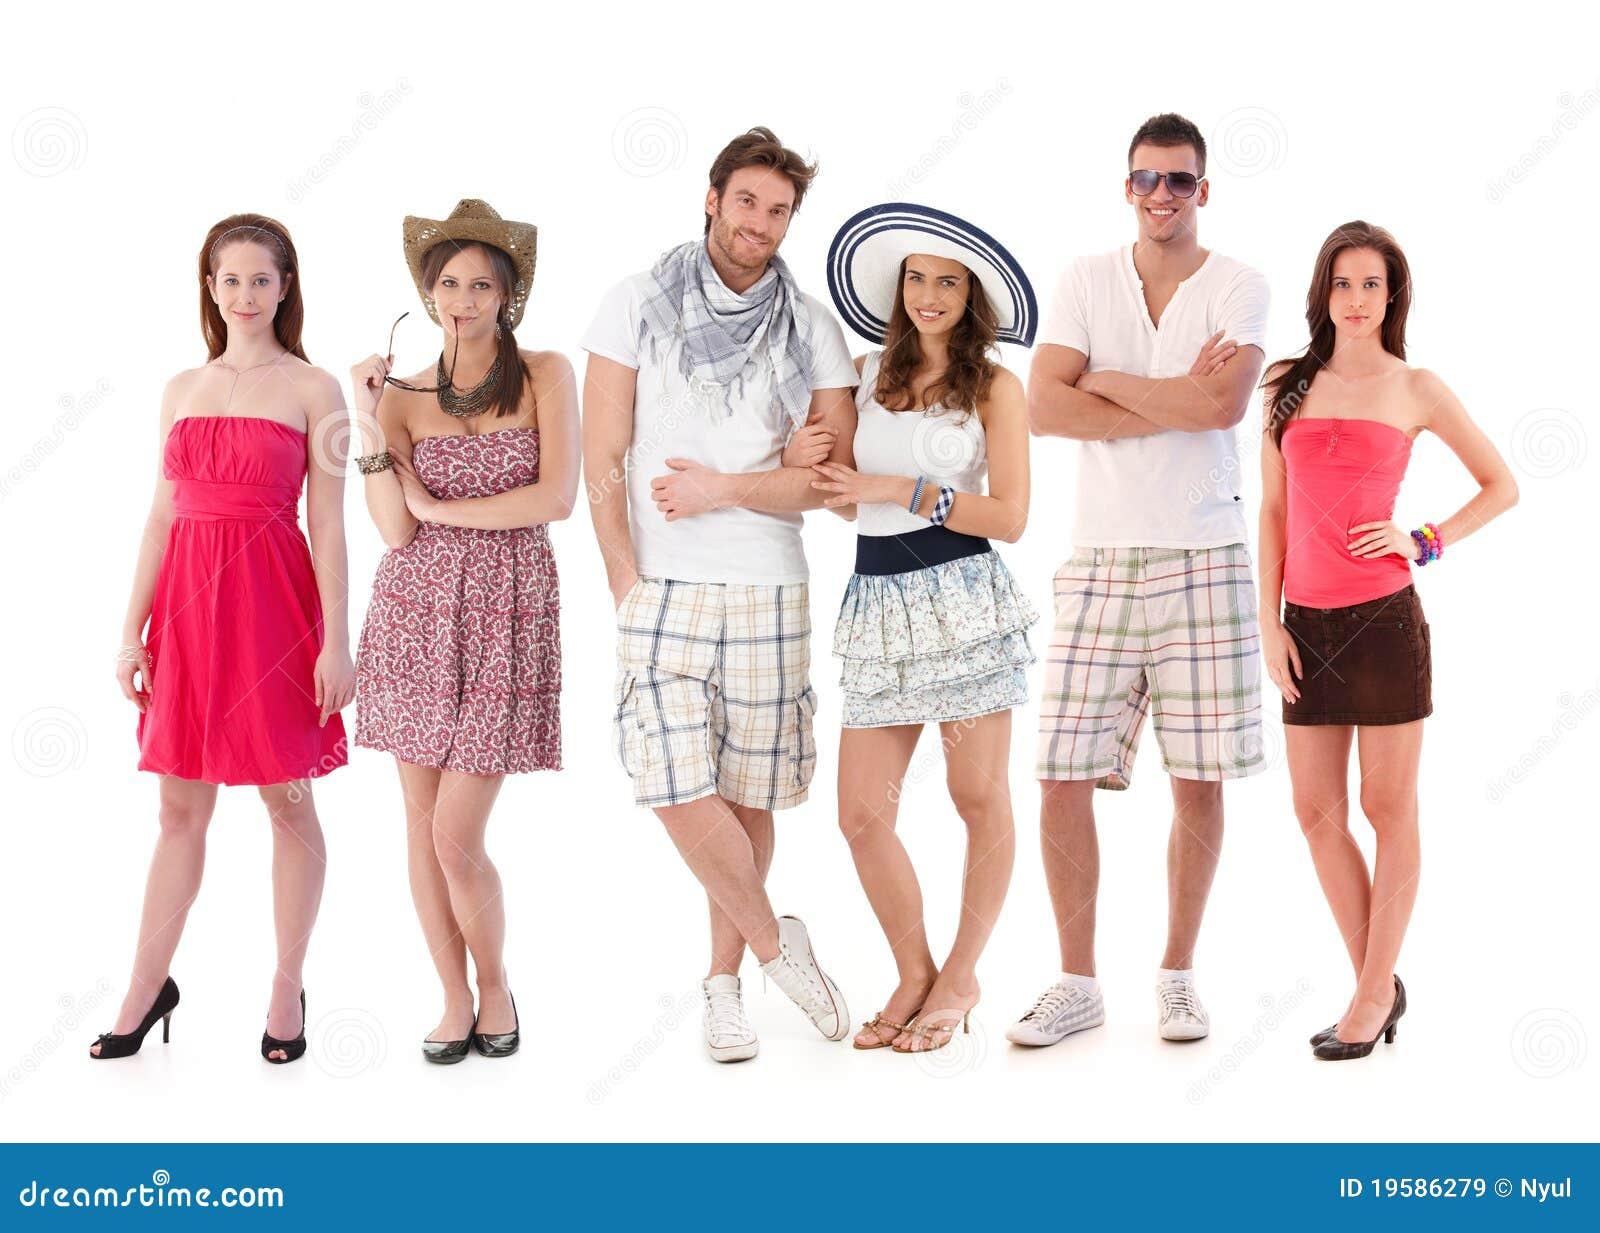 Agrupe o retrato de jovens na roupa do verão